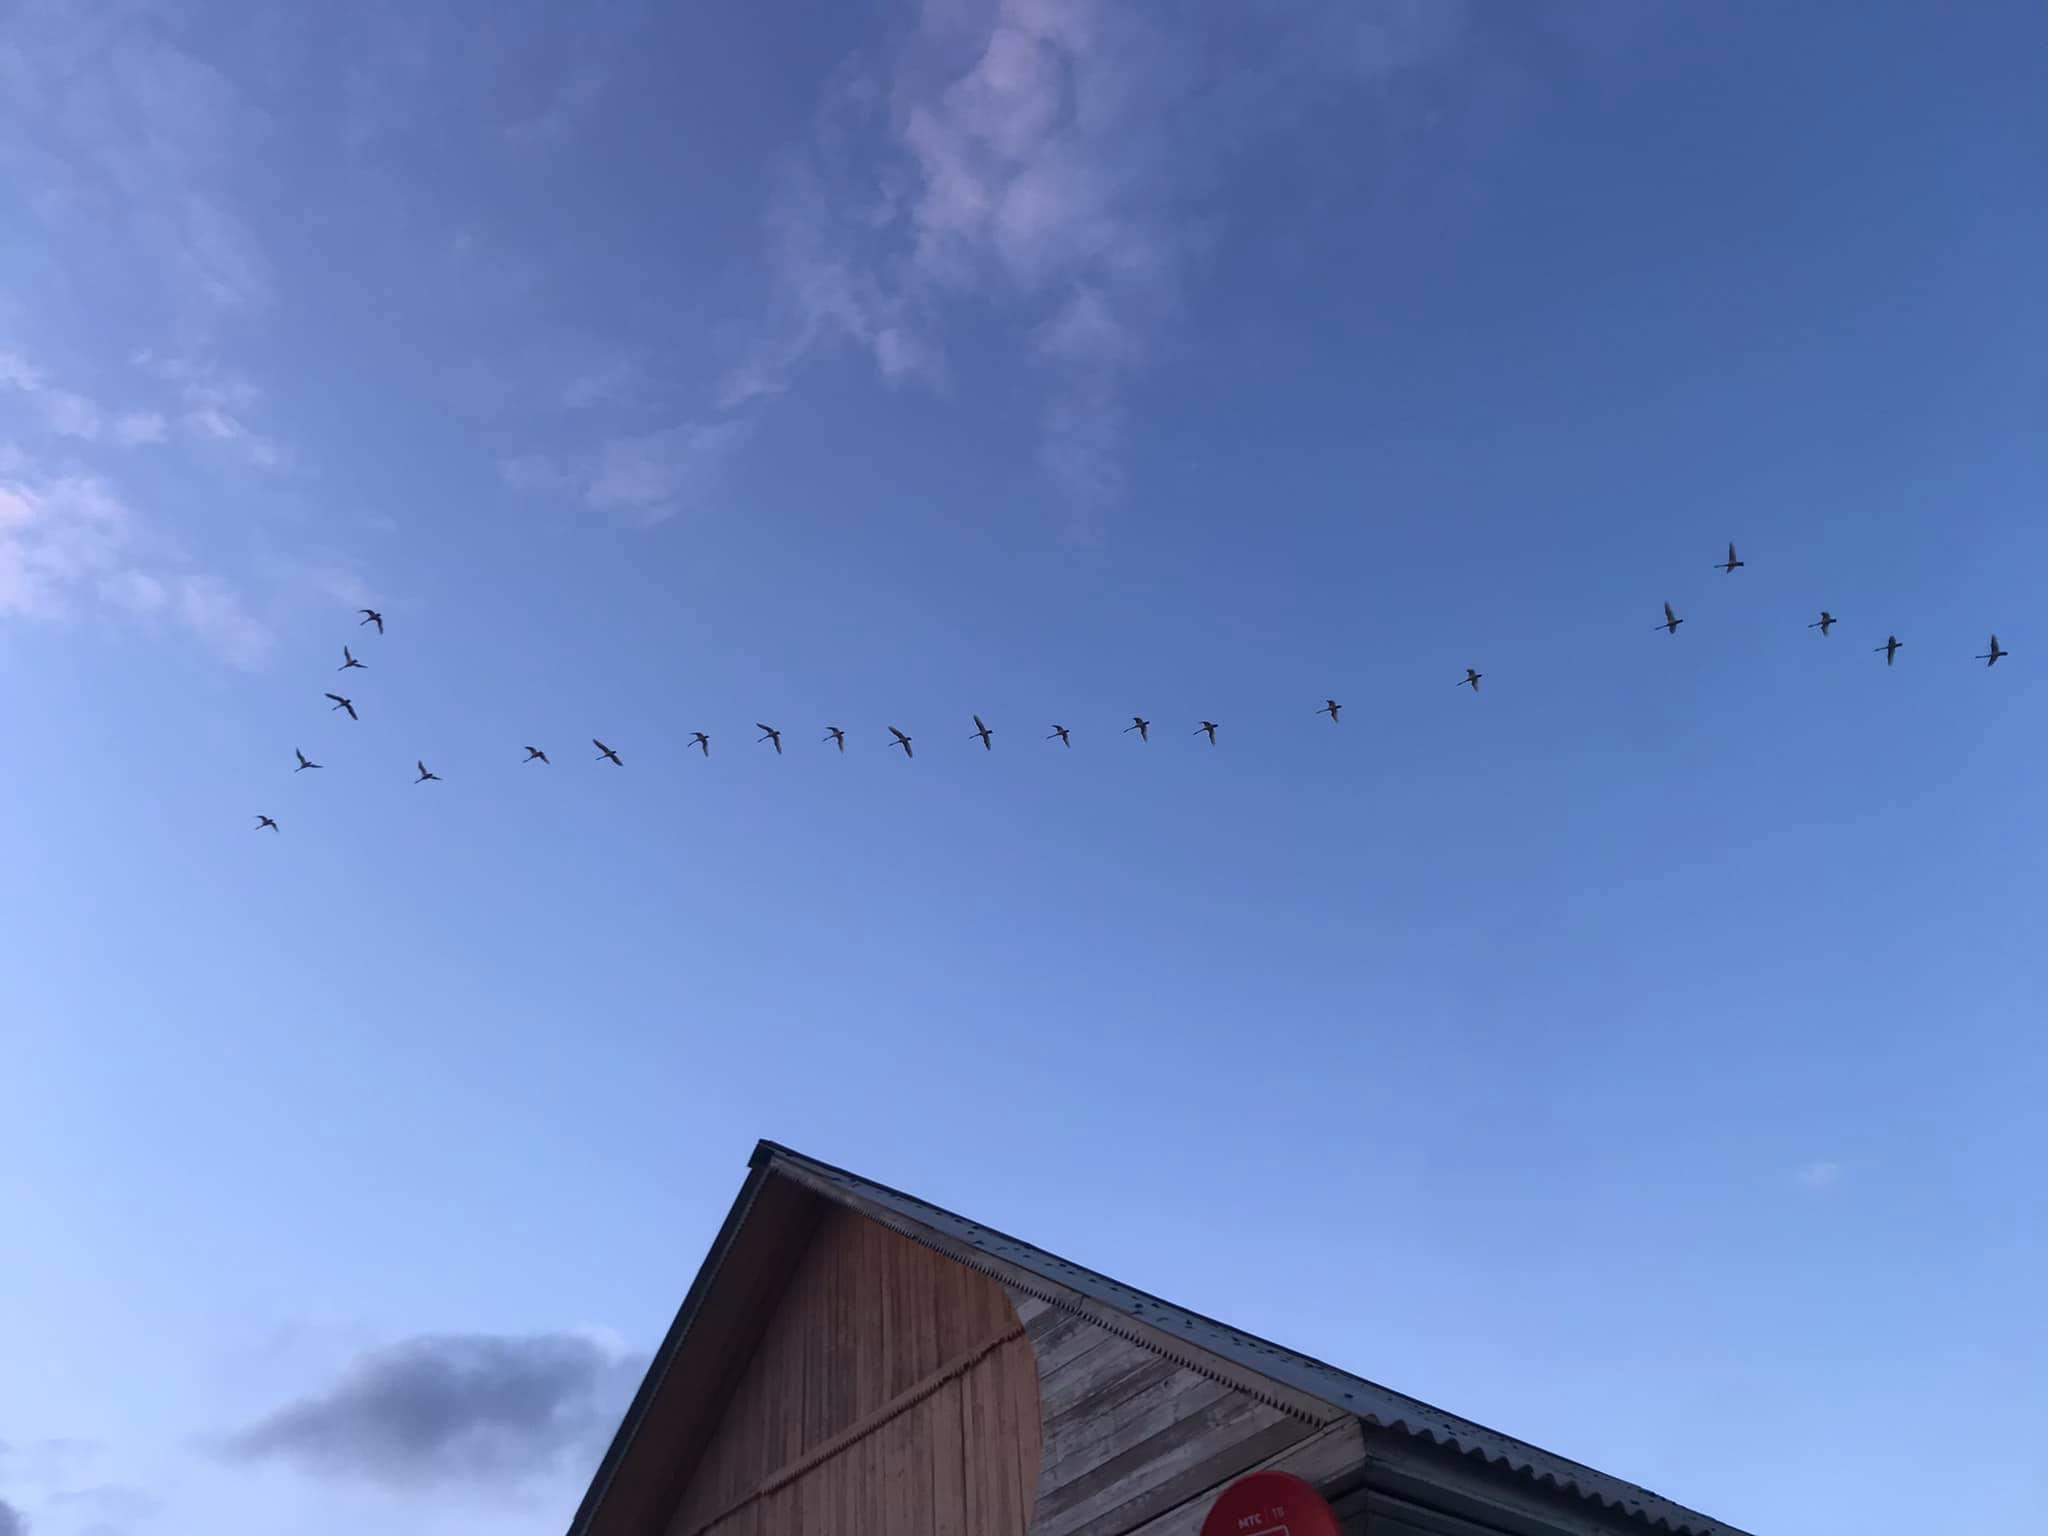 Лебеди возвращаются. Забайкалье, 6.05.2021. Фото Ц.Доржинимаева.